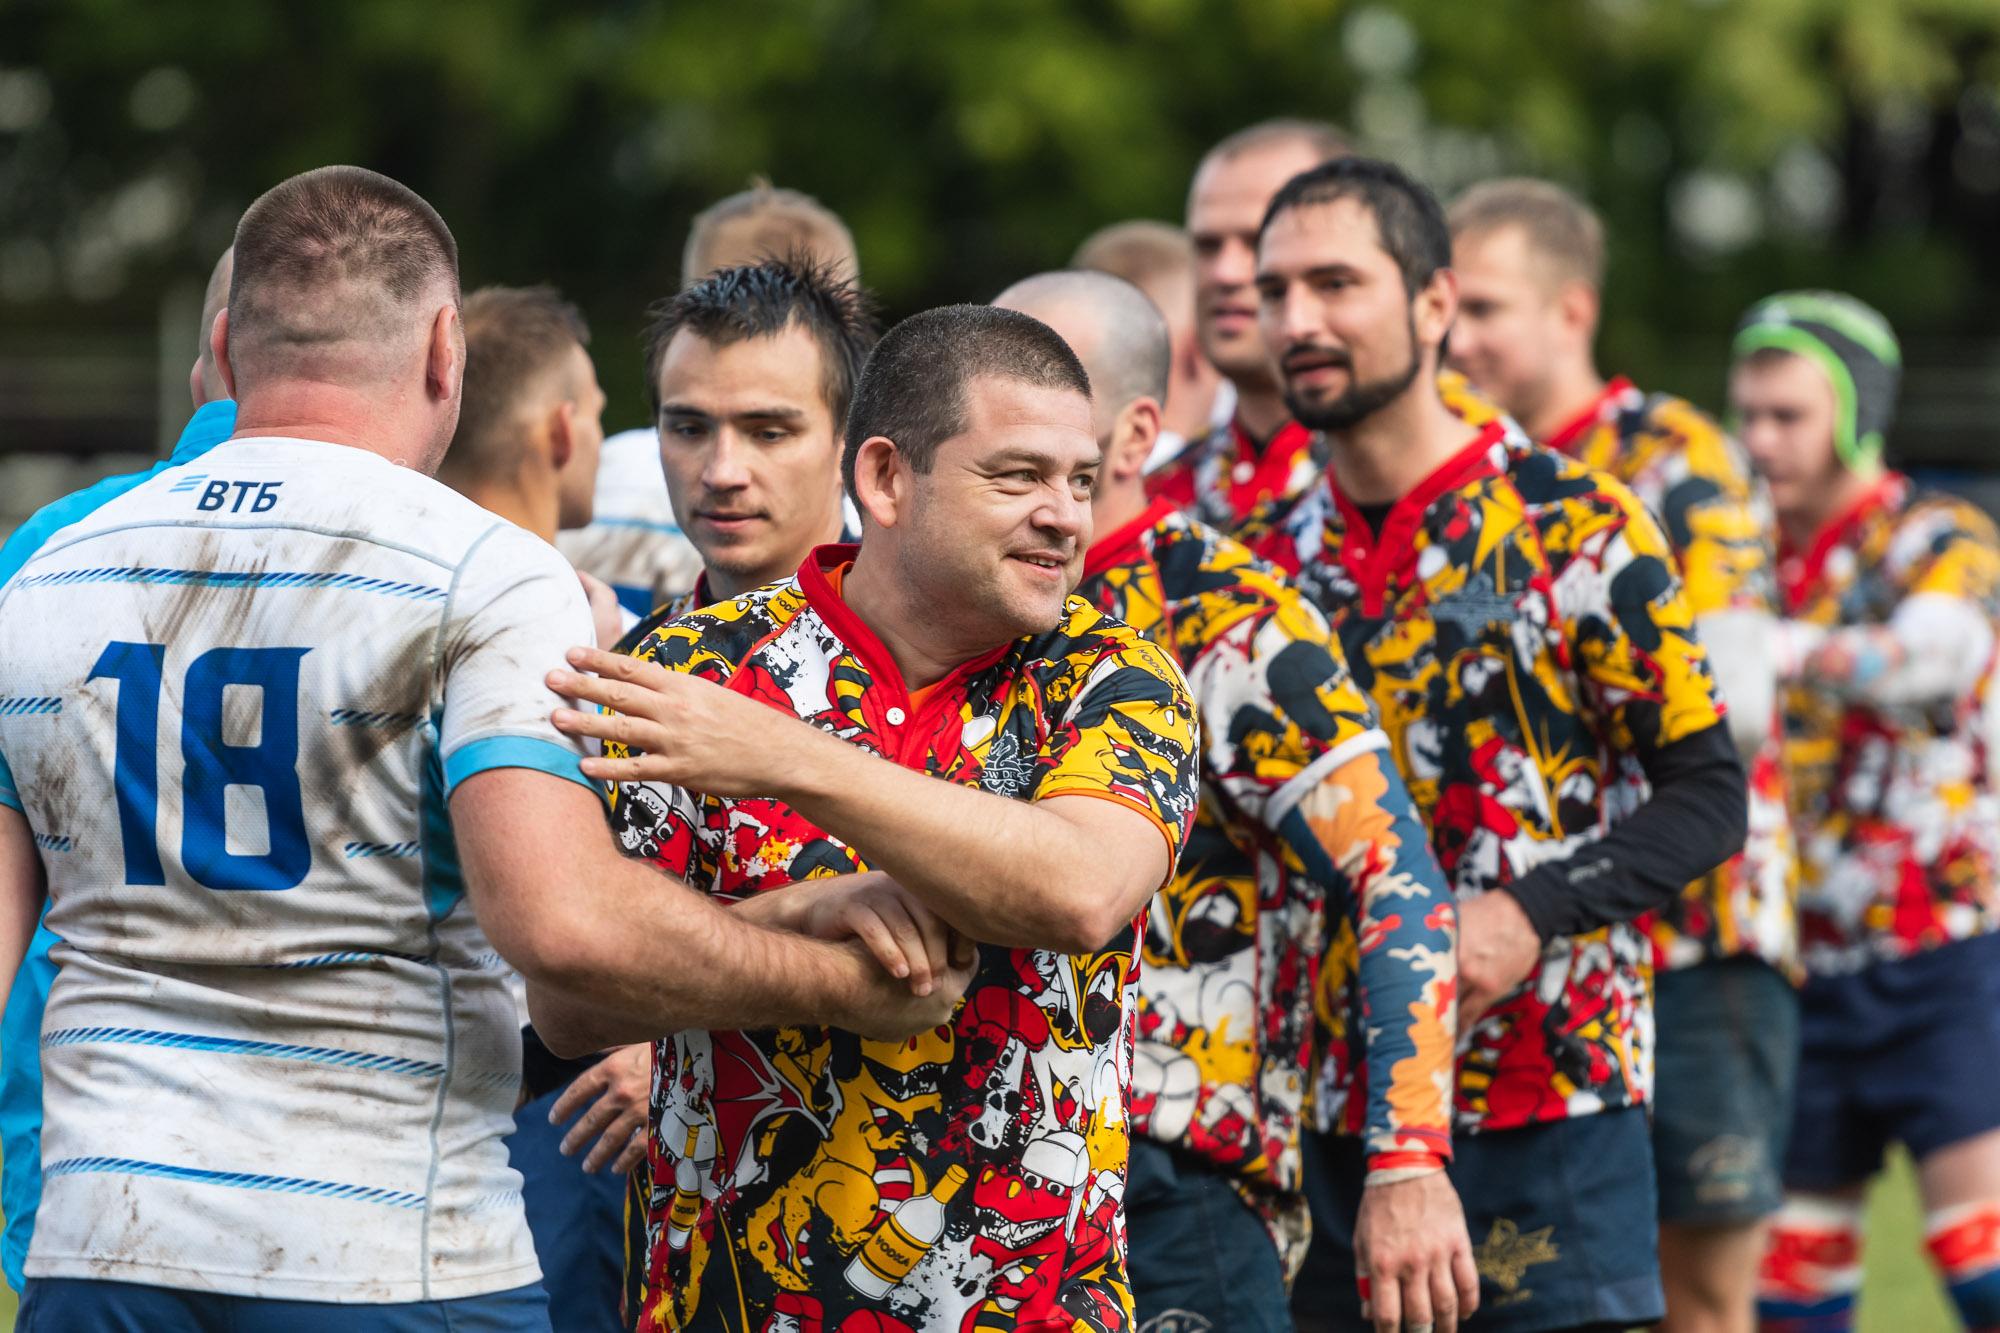 «Московские драконы» стали победителем группового этапа Чемпионата регбийной лиги «Трудовые резервы» в Первом дивизионе!